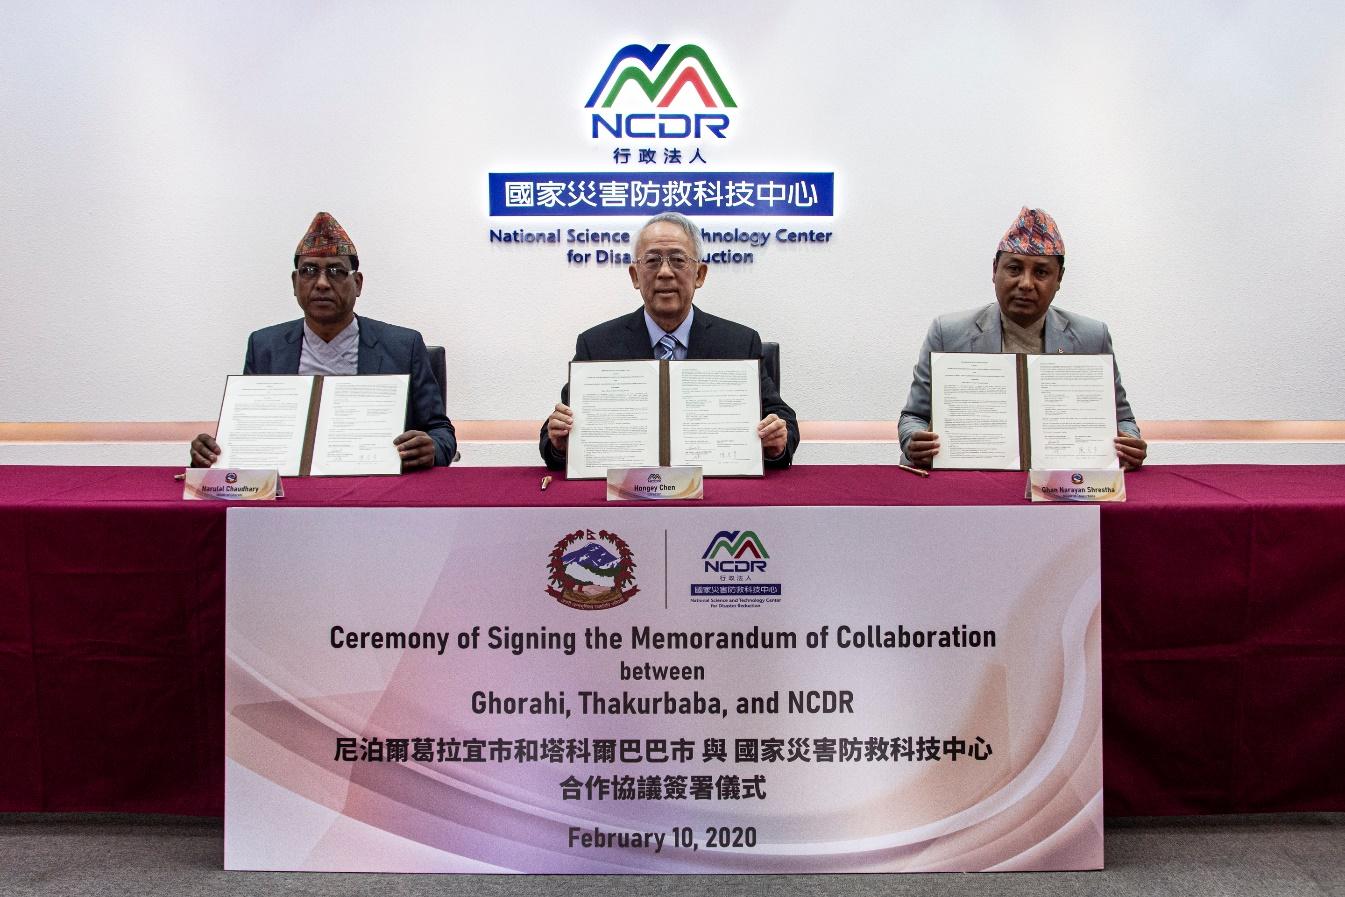 災防科技中心陳宏宇主任(中)與尼泊爾葛拉宜市(Ghorahi) Narulal Chaudhary市長(左)與與塔科爾巴巴市(Thakurbaba) Ghan Narayan Shrestha市長(右),共同簽訂防災合作協議